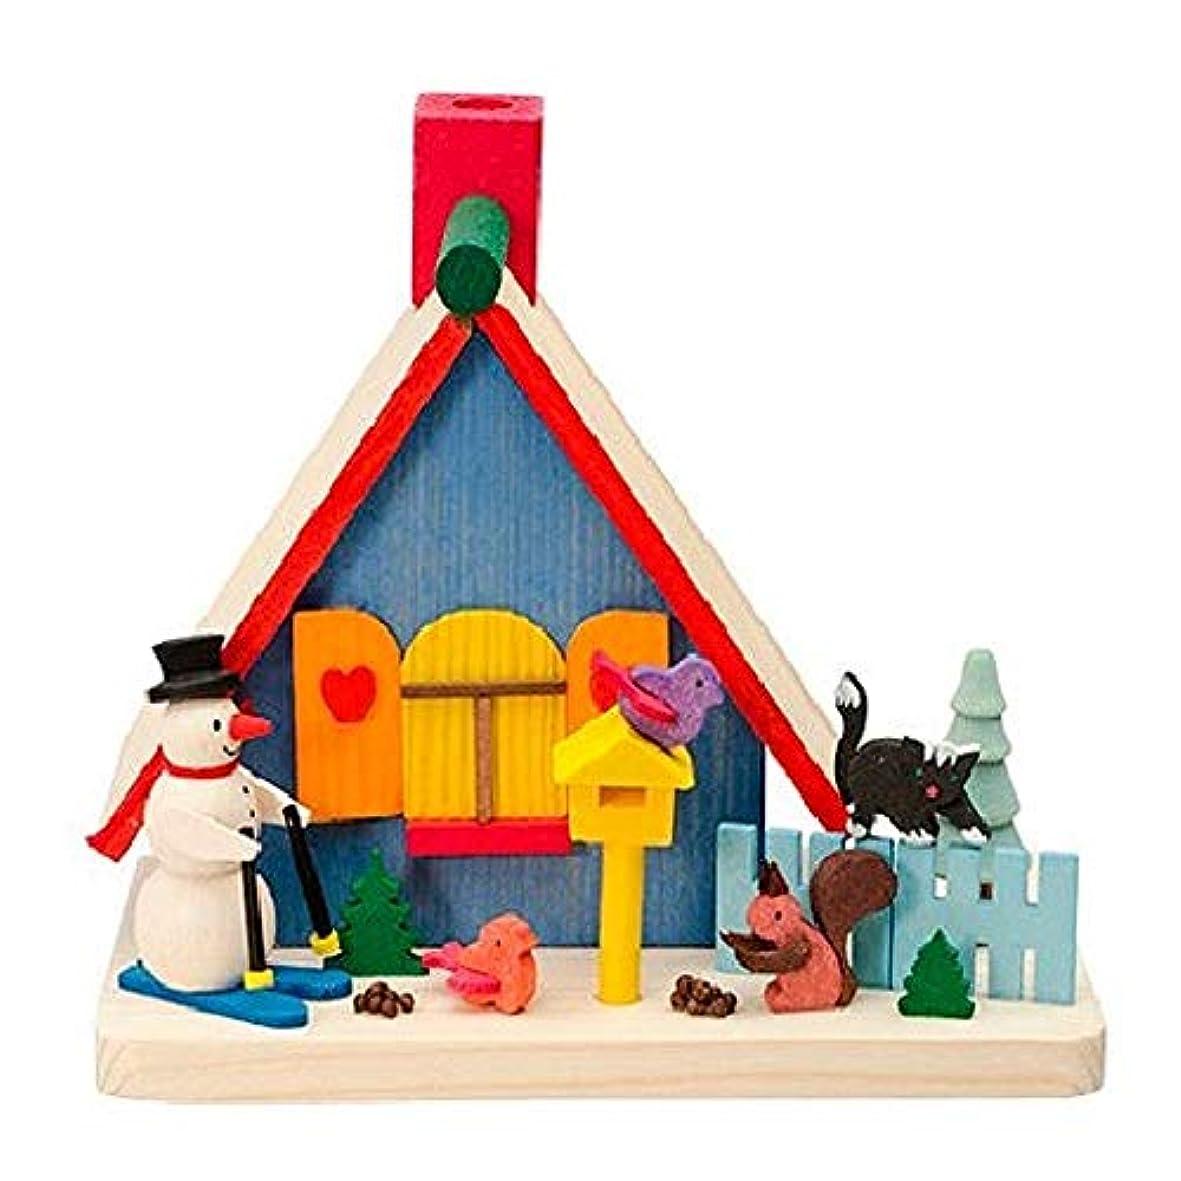 ワット定期的に称賛Pinnacle Peak Trading Company カラフルな雪だるまの家 木製 ドイツ製 クリスマスお香 スモーカー ドイツ製